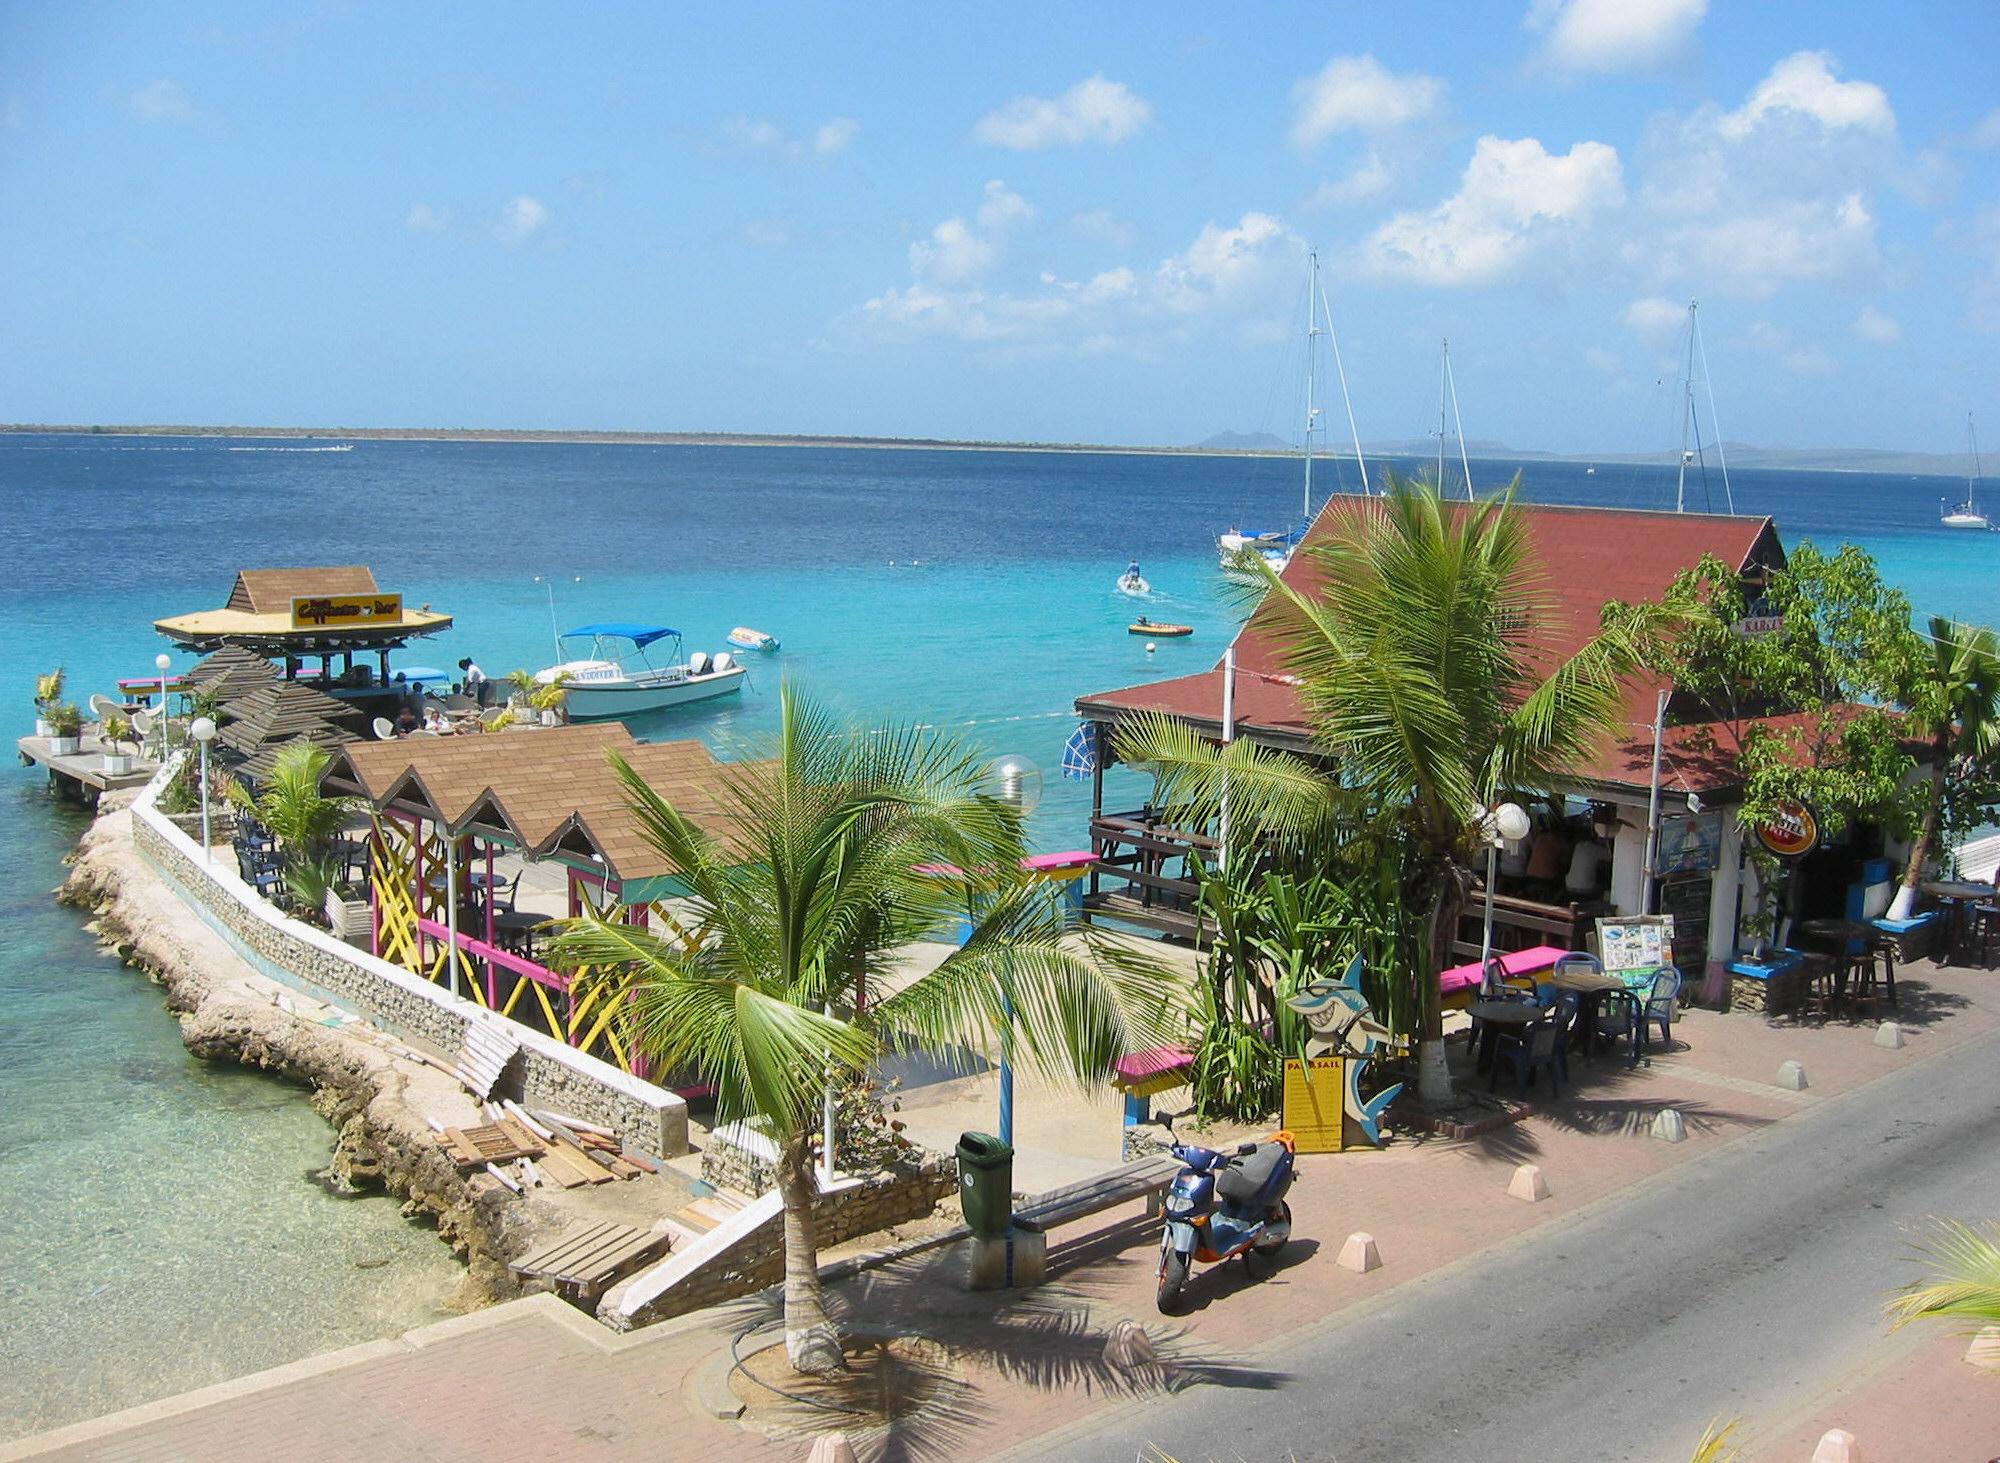 Karel's Beach Bar was a popular hangout